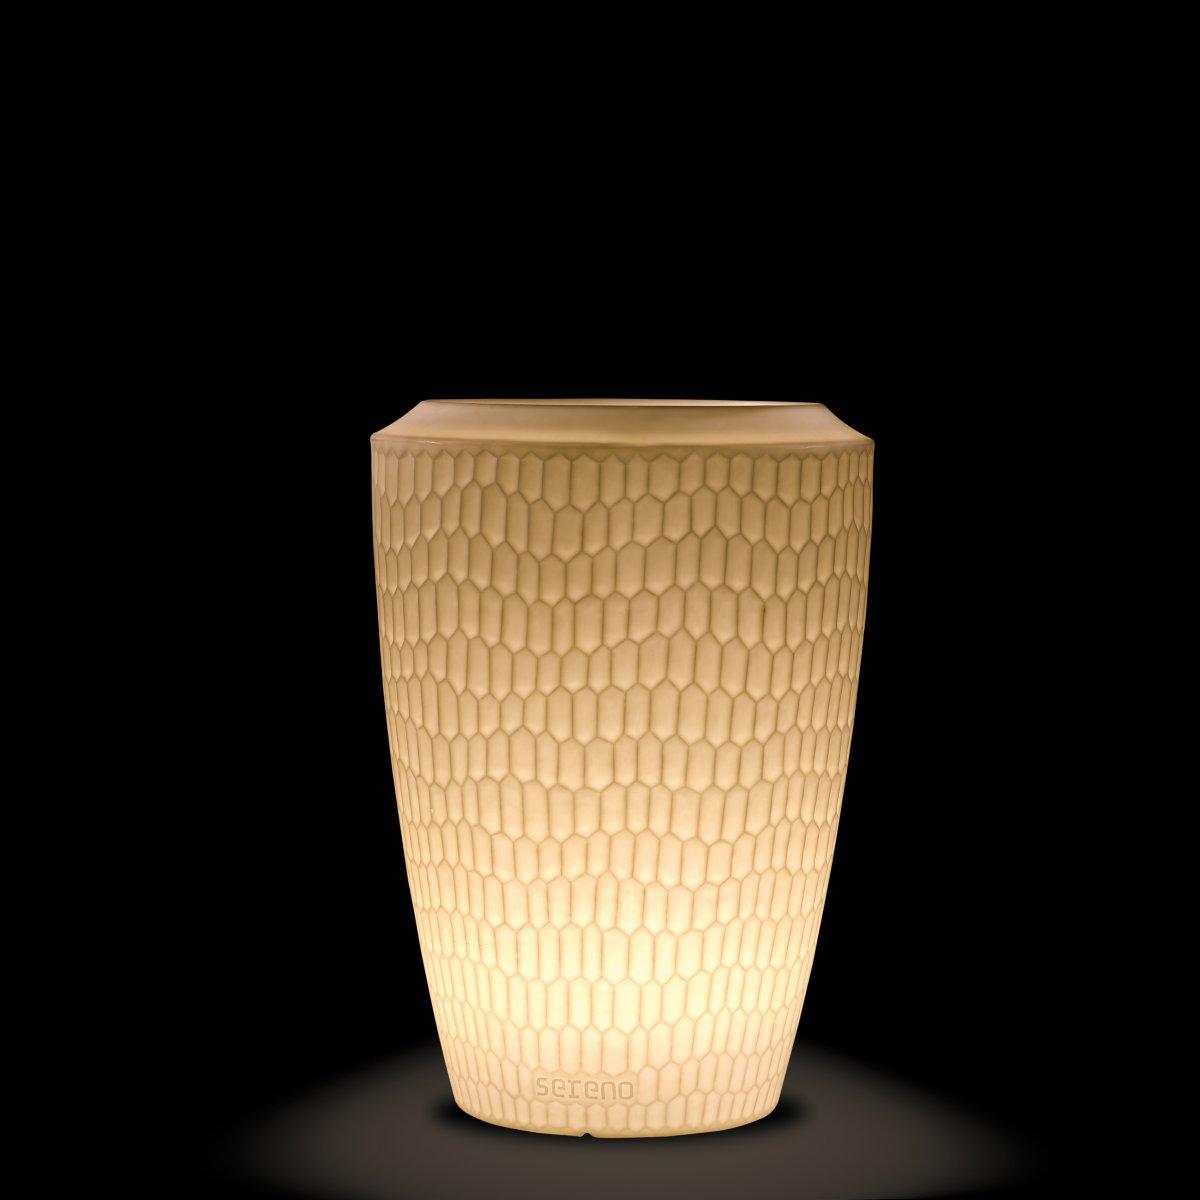 SERENO Pflanzgefäß 120 cm beleuchtet weiß